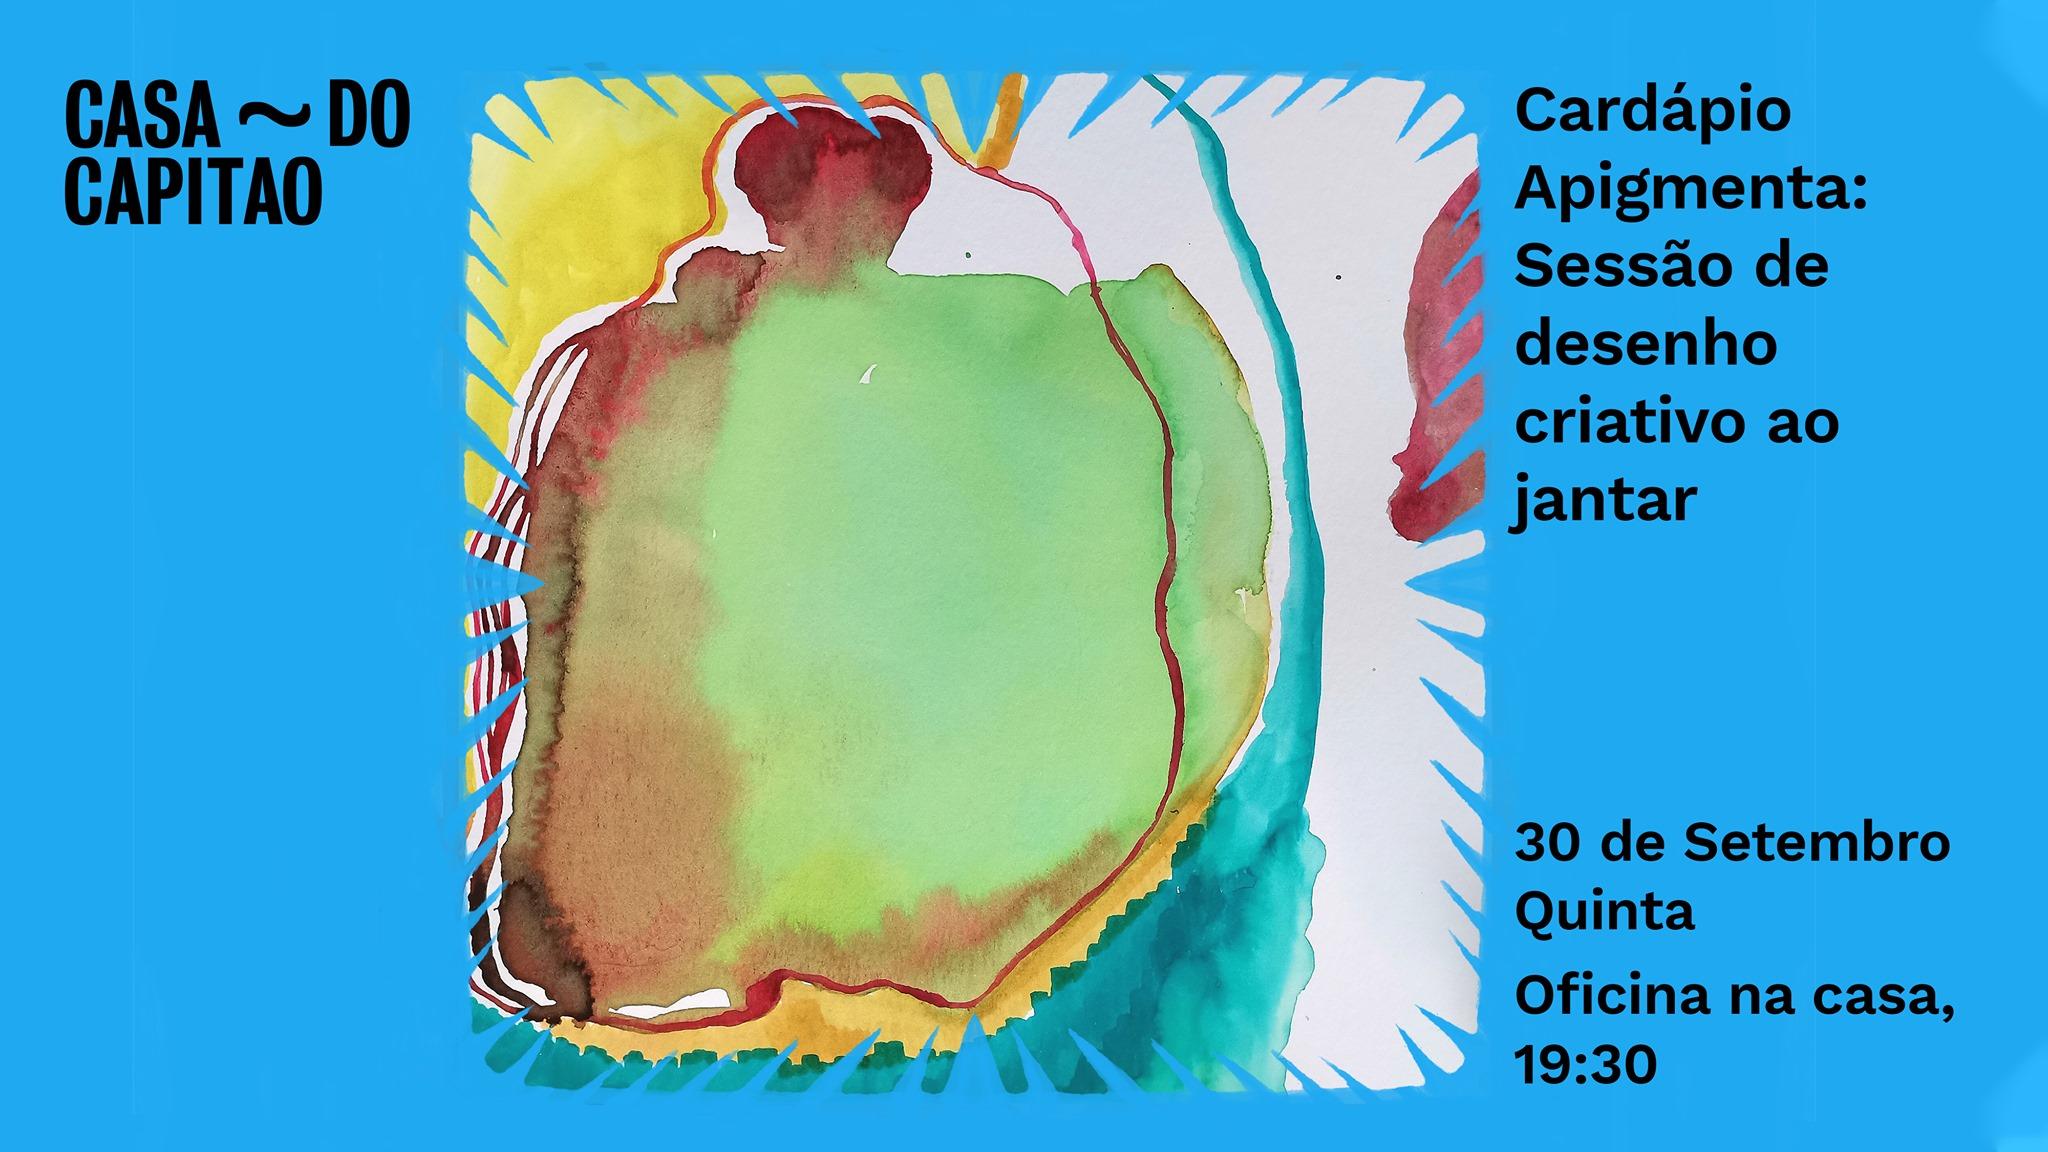 Cardápio Apigmenta: Sessão de desenho criativo ao jantar • oficina no terraço